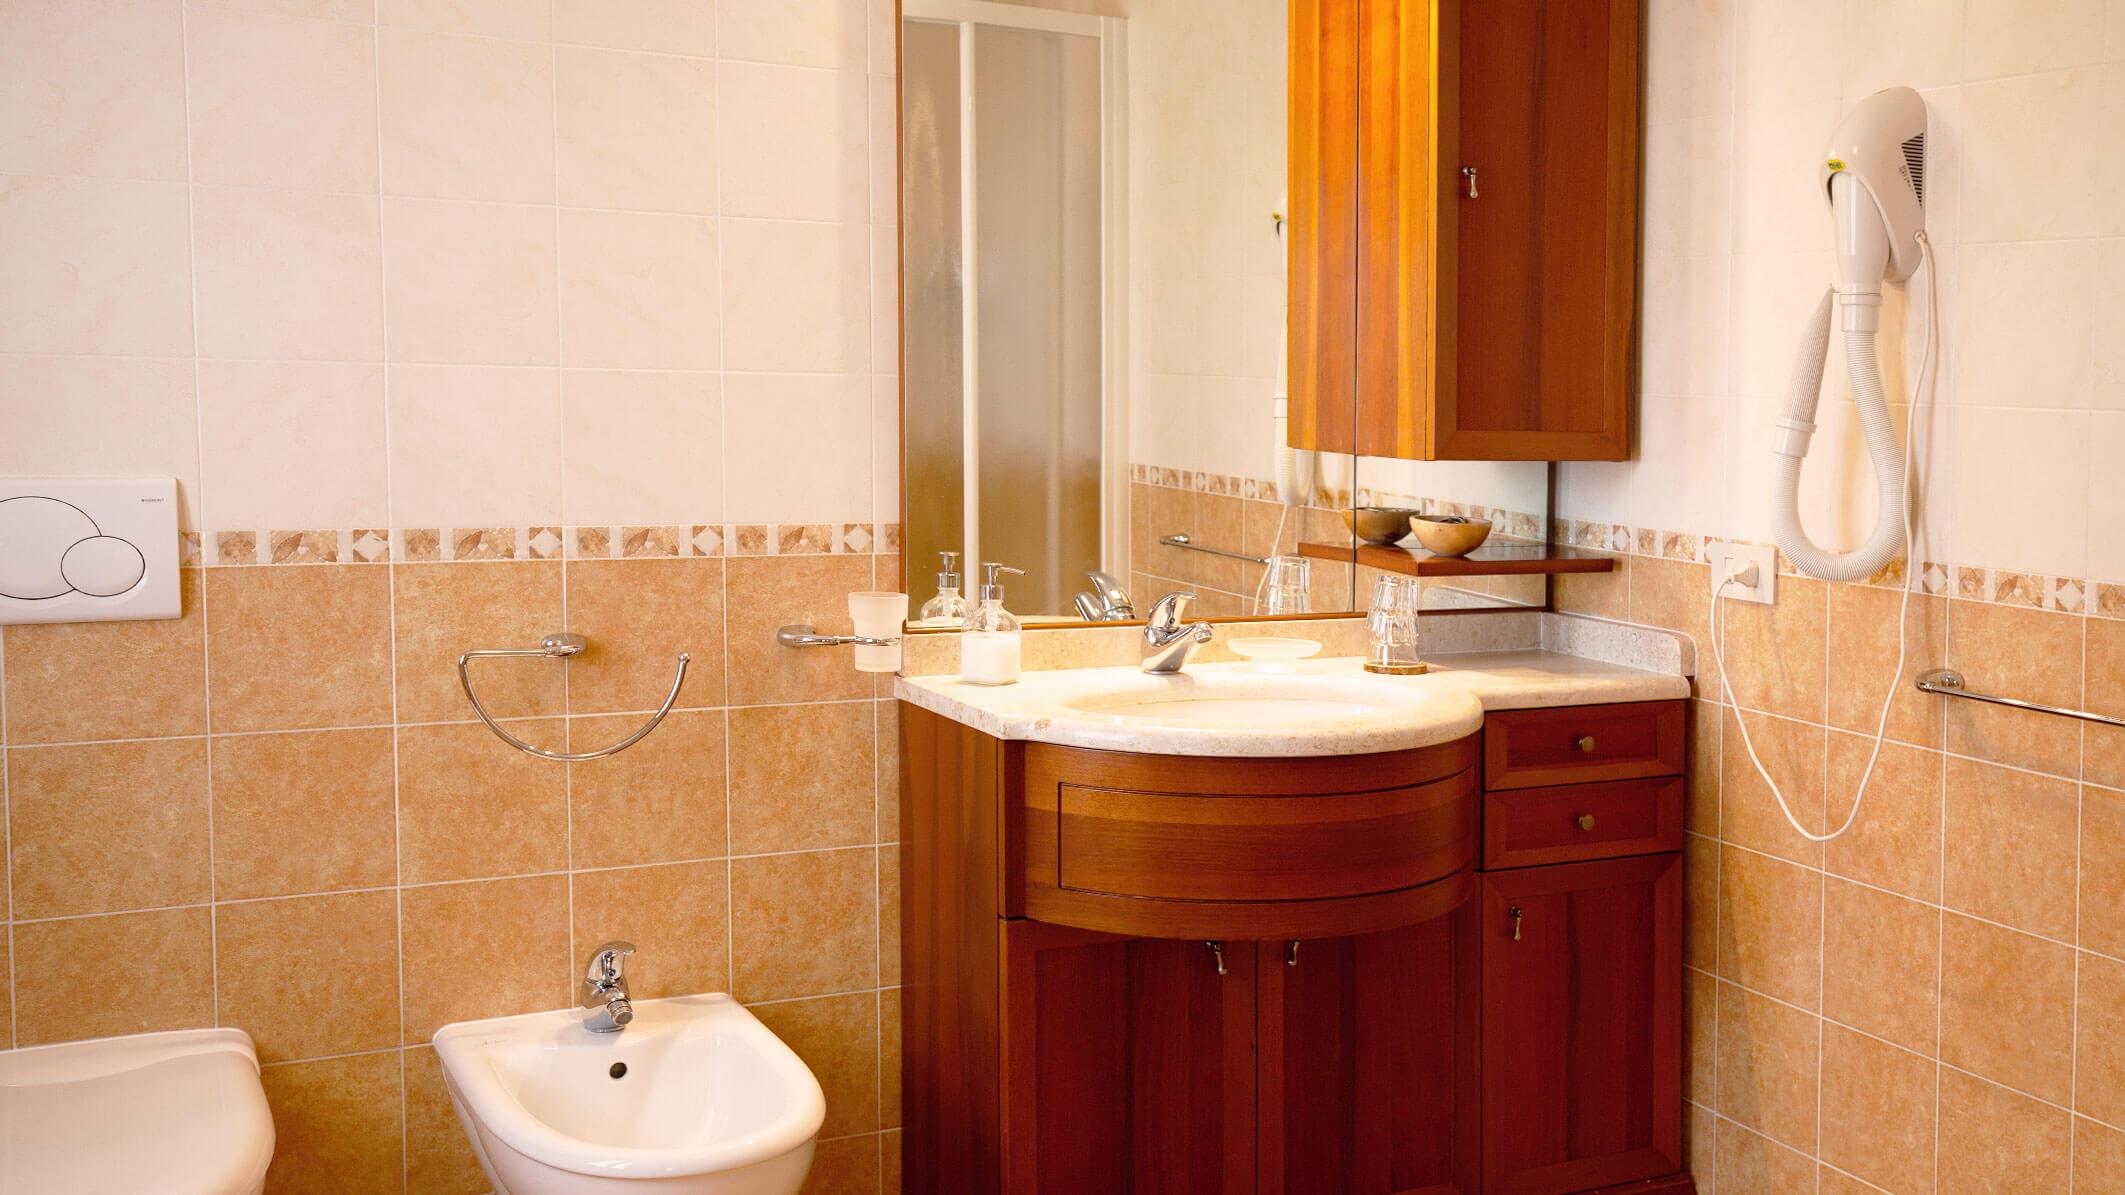 camera-acero-bagno